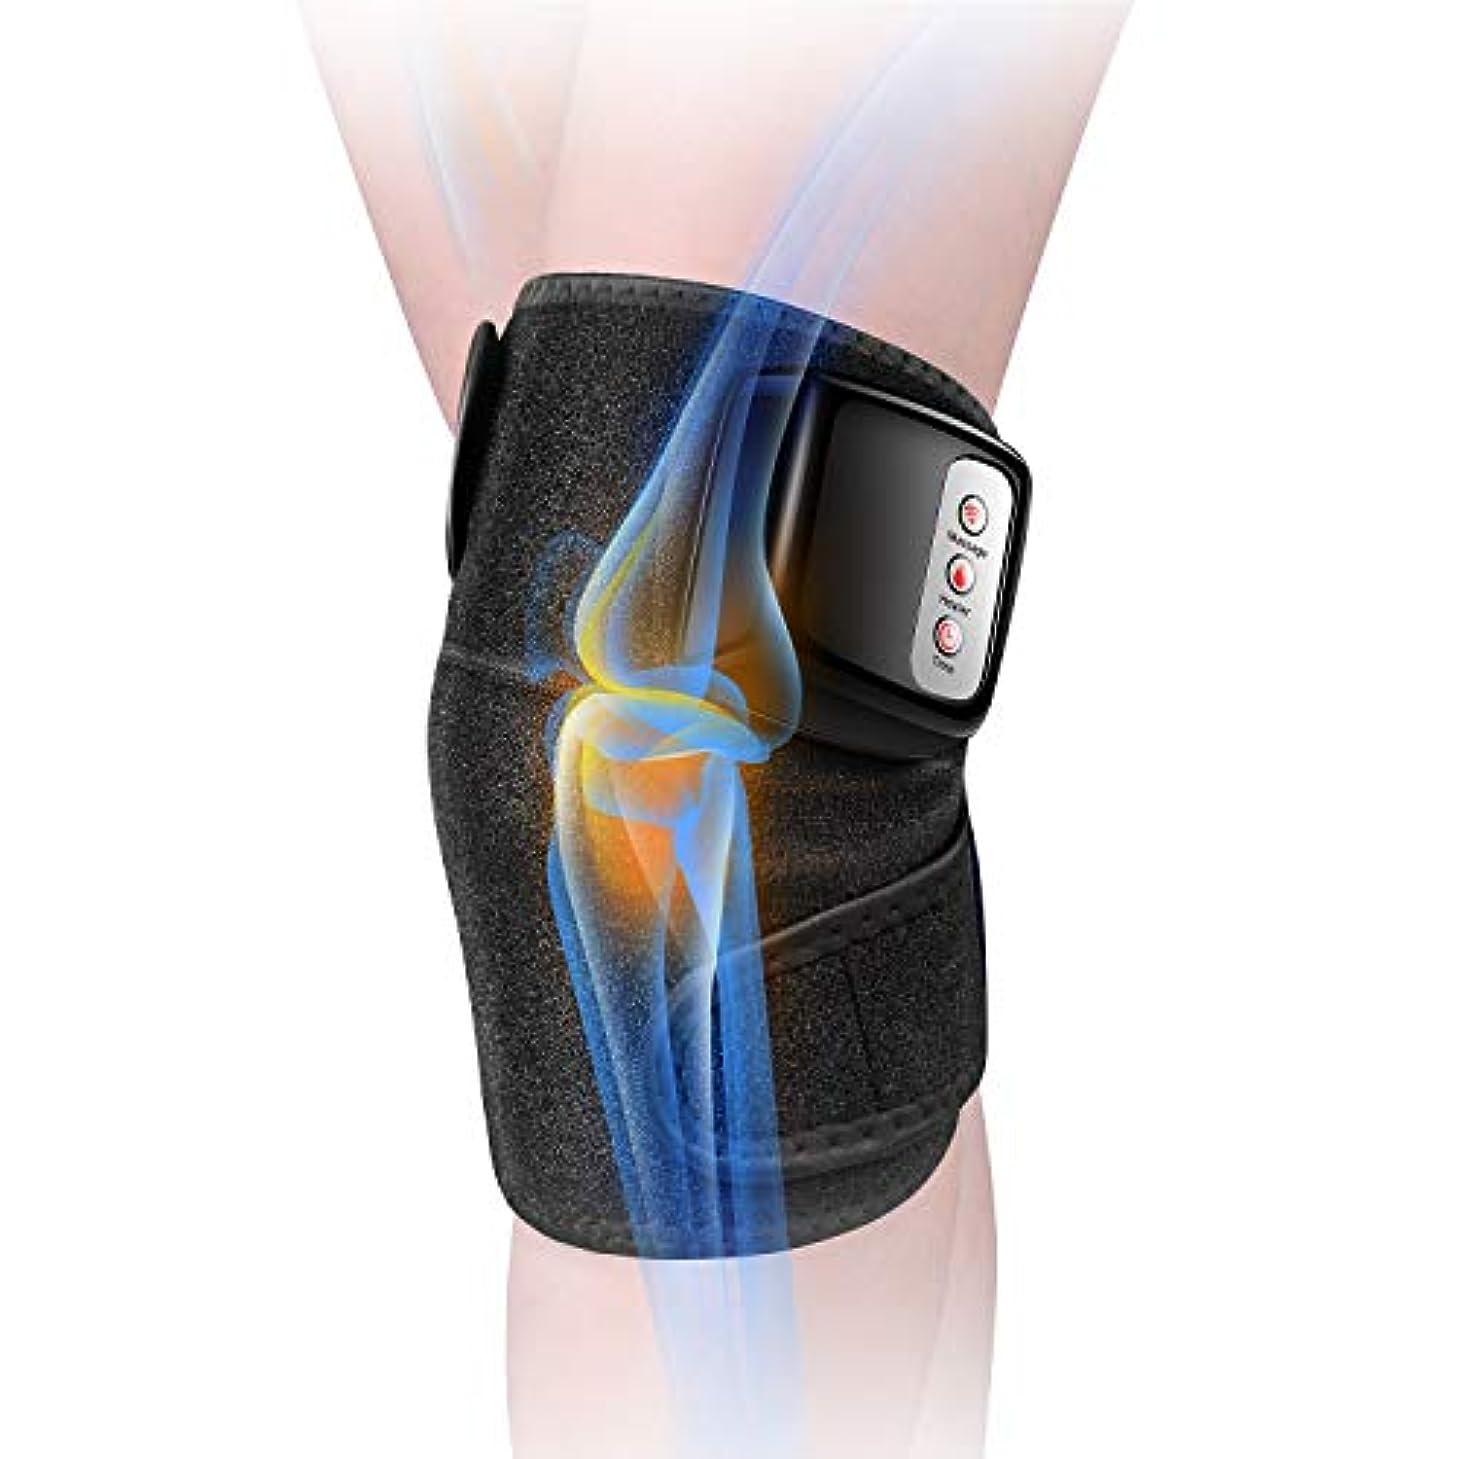 リングバック紳士アデレード膝マッサージャー 関節マッサージャー マッサージ器 フットマッサージャー 振動 赤外線療法 温熱療法 膝サポーター ストレス解消 肩 太もも/腕対応